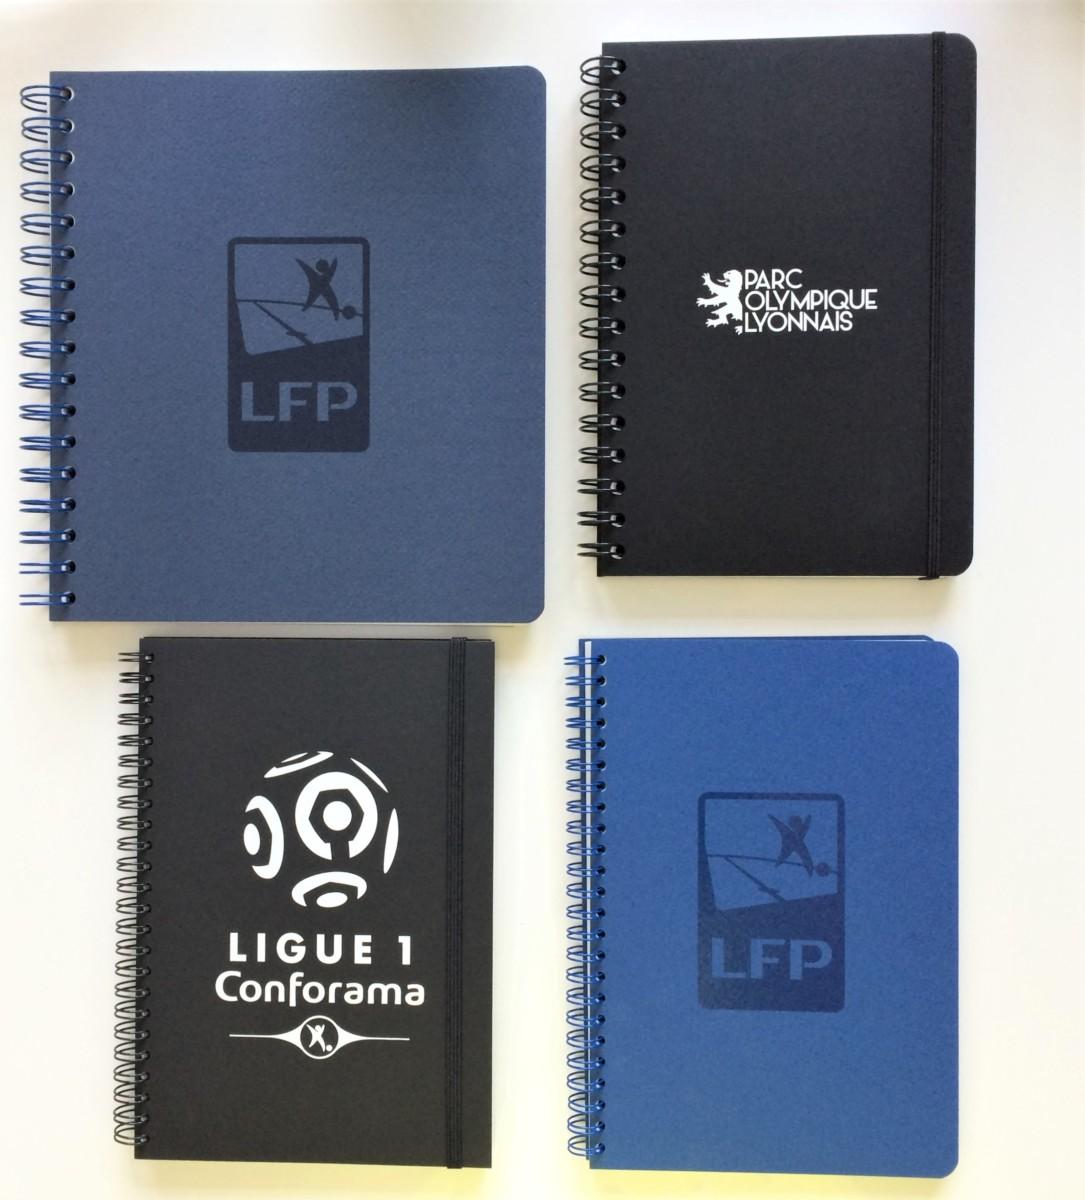 cahiers personnalises the concept book - Arrêt sur quelques carnets personnalisés spécifiques